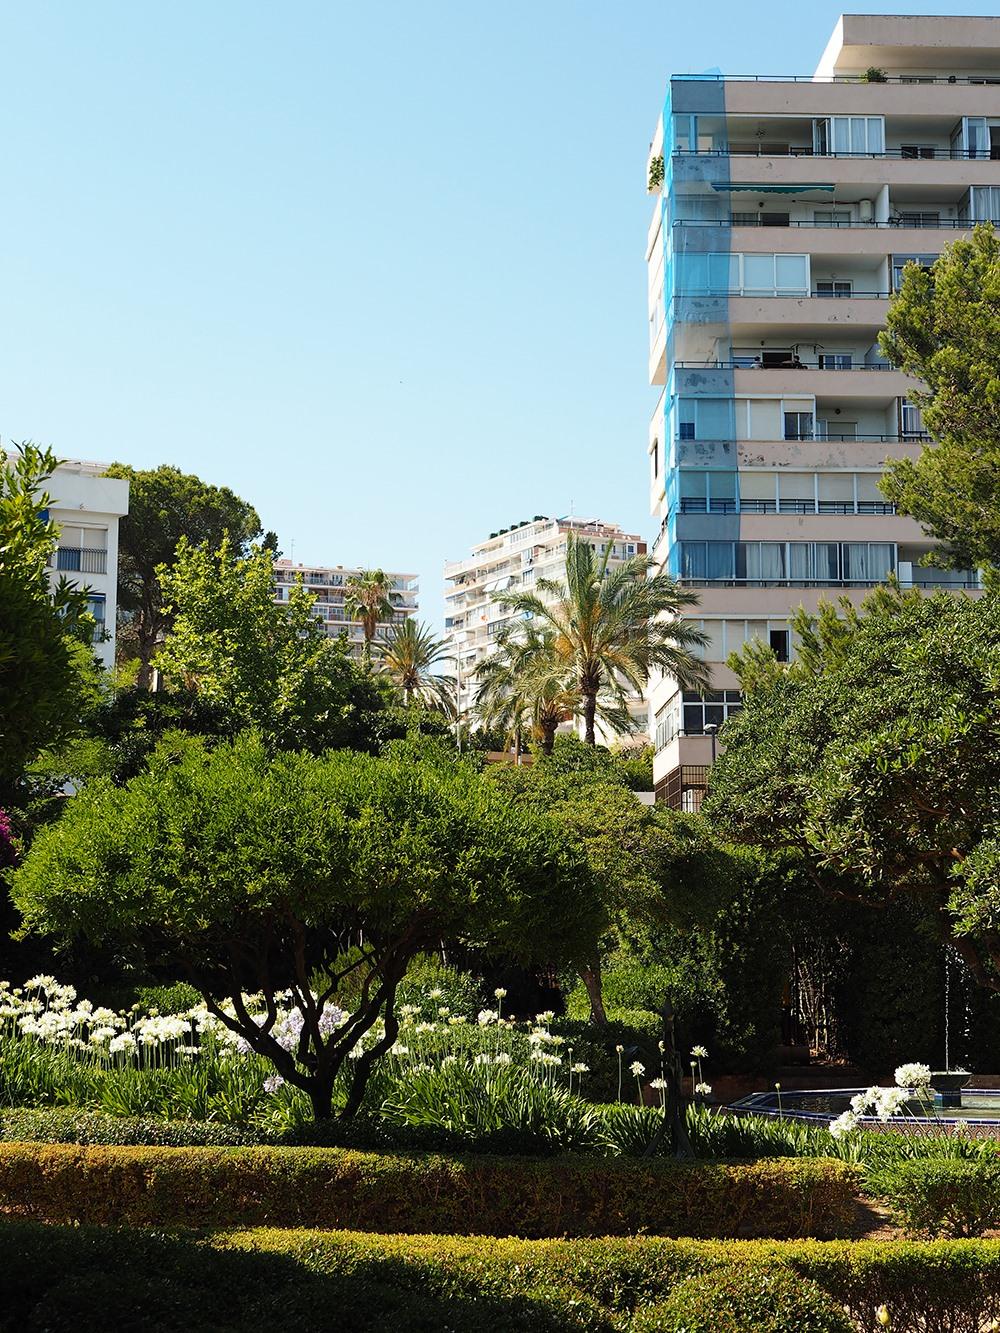 Mallorca-Palma-Marivent-Gaerten-Ausblick-Hochhaus